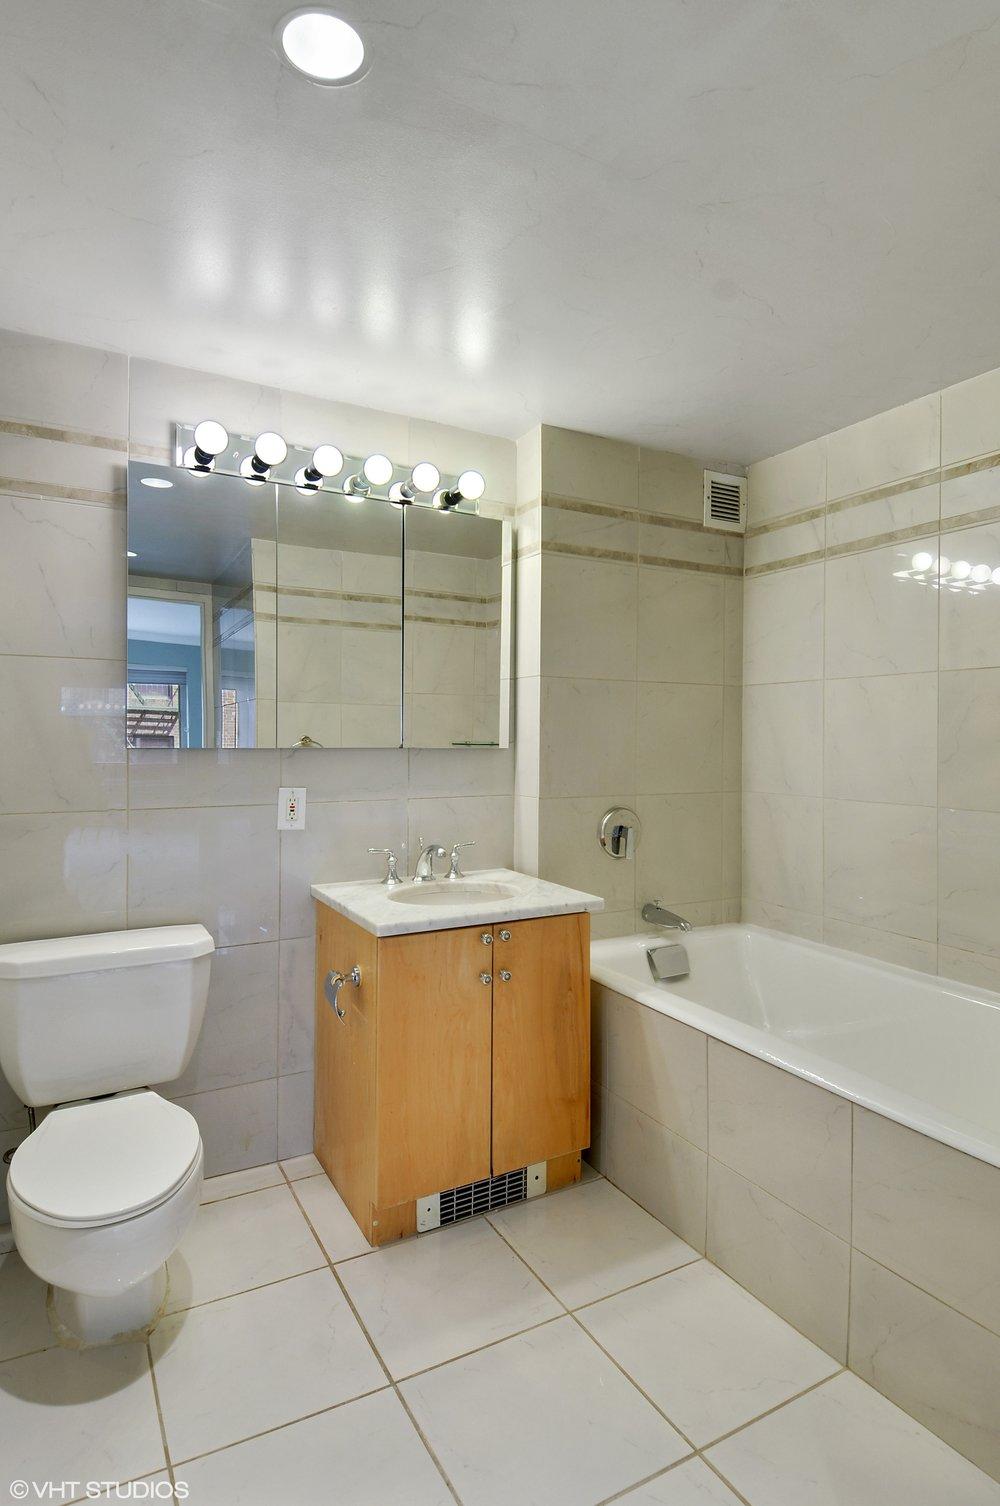 08_359W11thSt_Apt5AB_8_Bathroom_HiRes.jpg